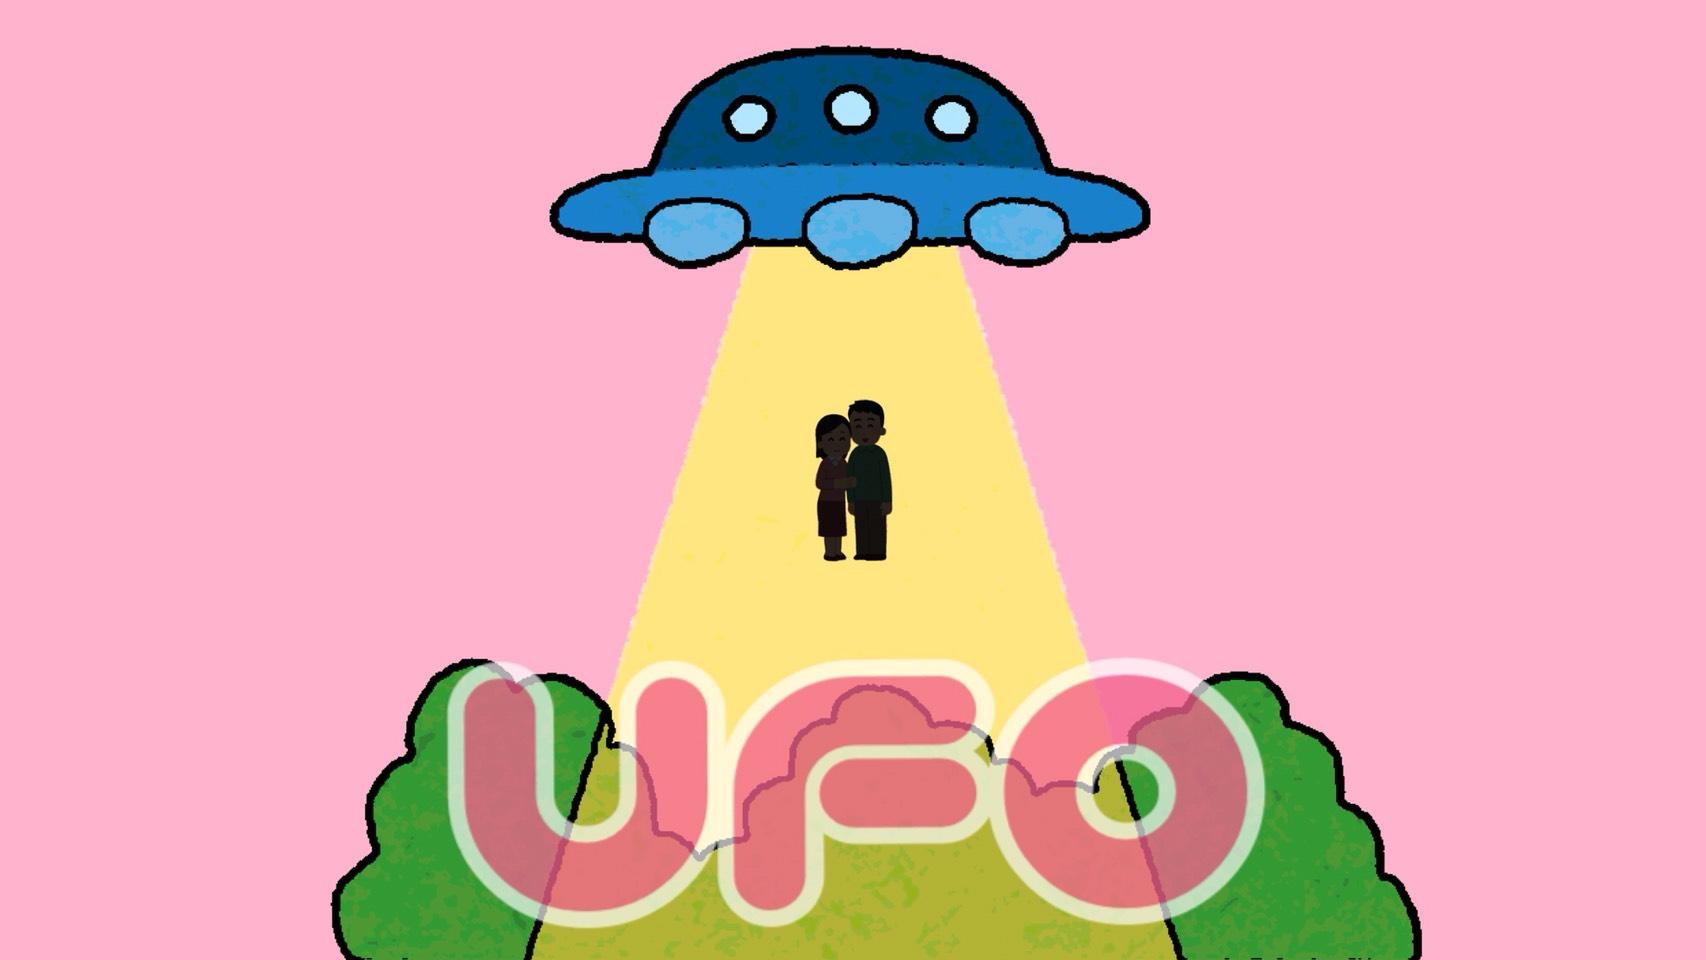 「UFO」のイメージ